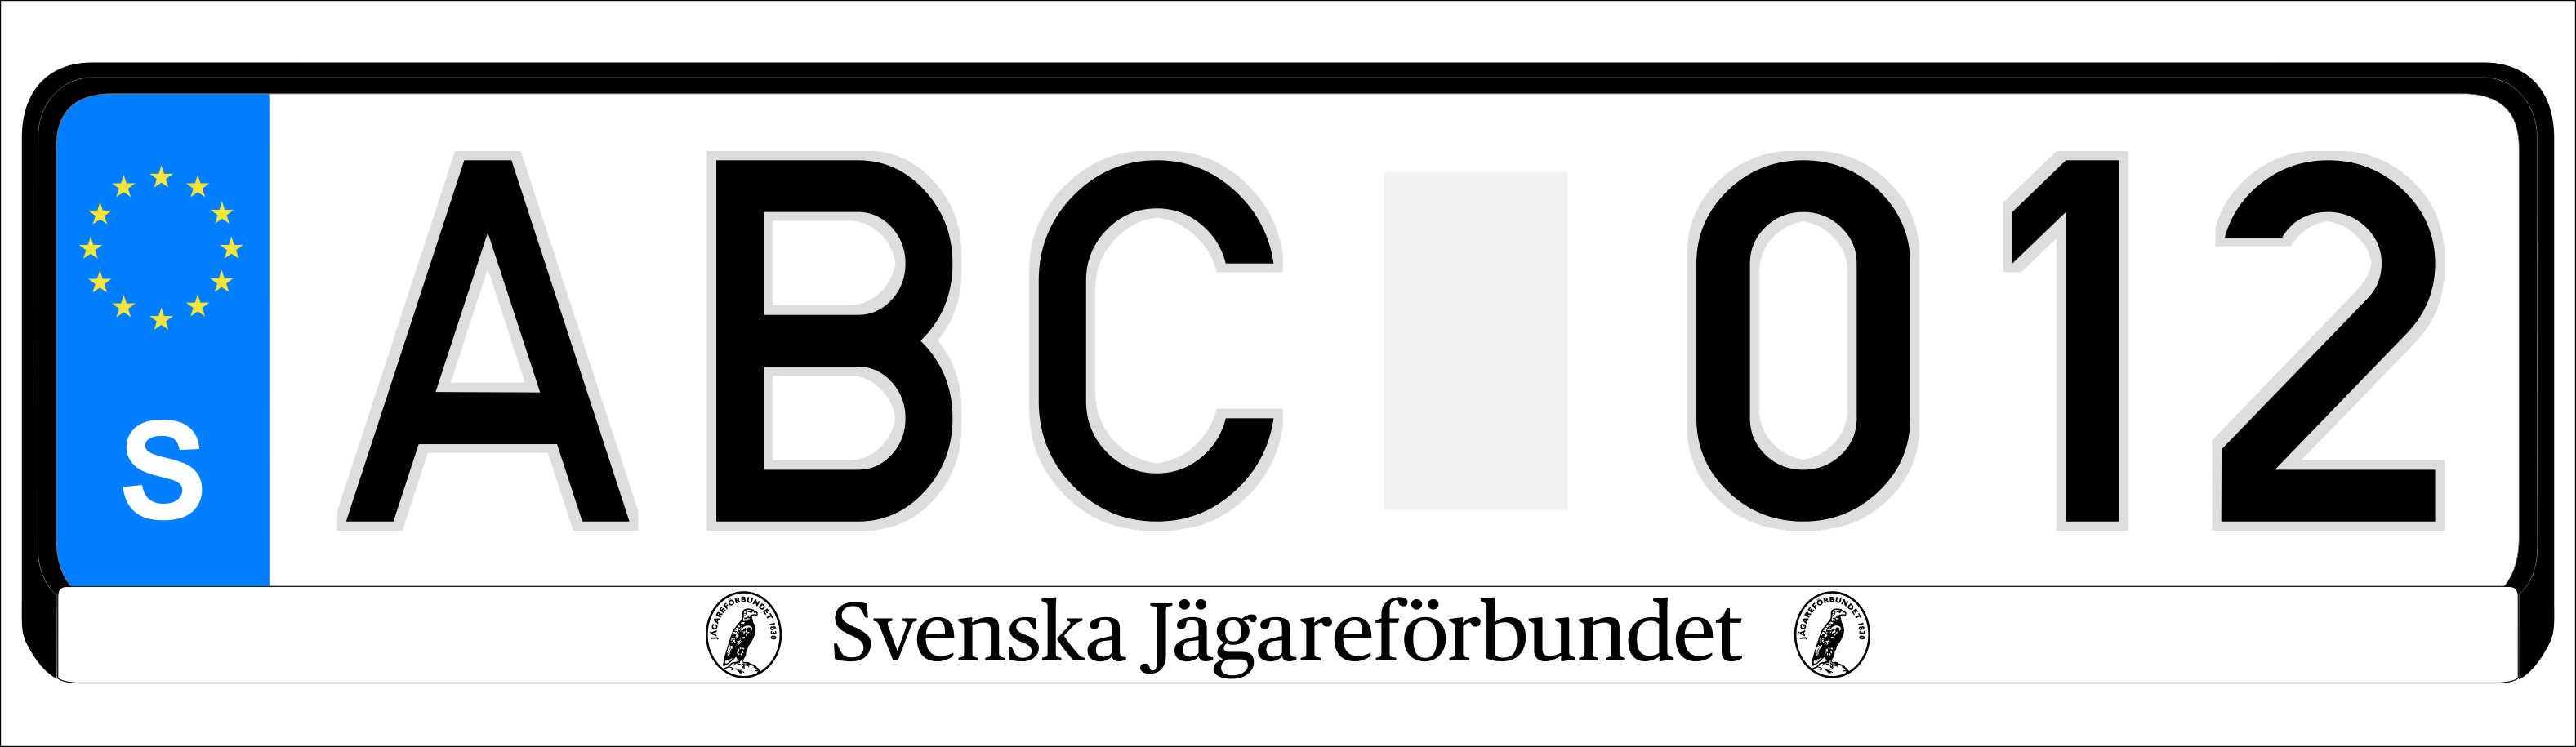 www svenska jägareförbundet